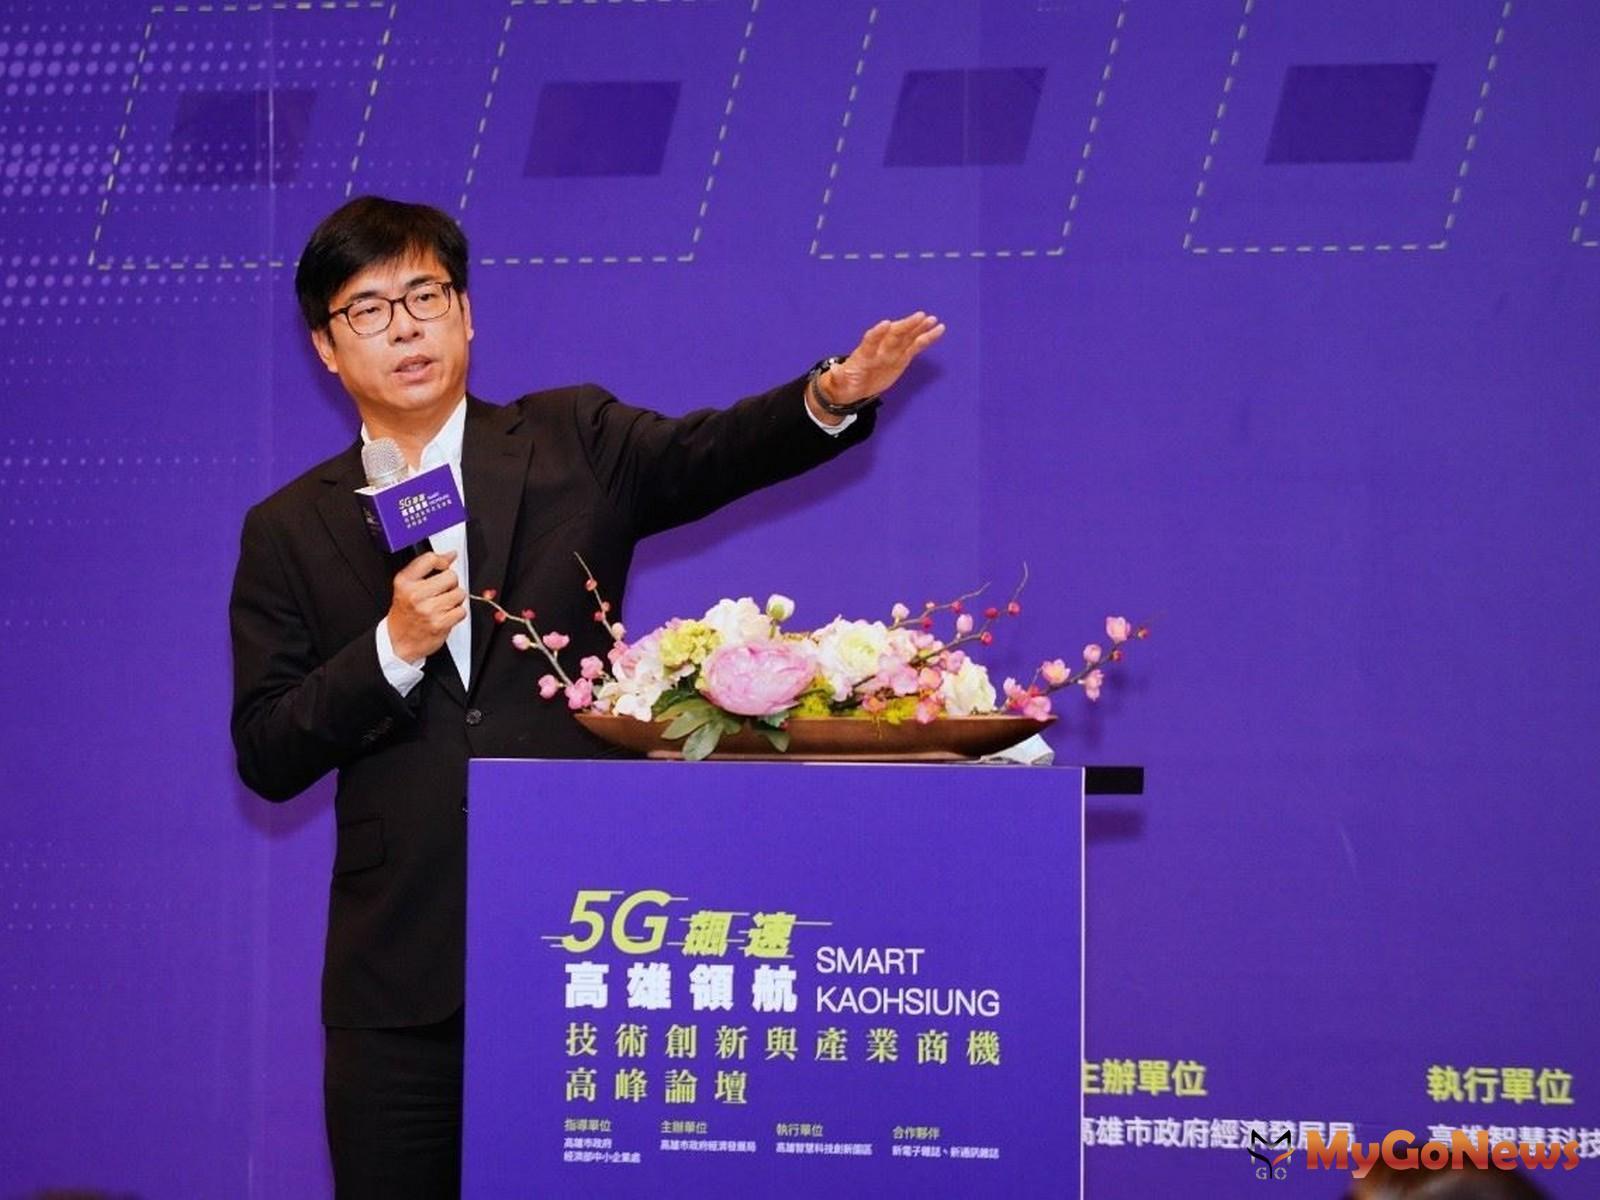 打造5G智慧城 陳其邁:高雄是投資最佳選擇(圖:高雄市政府) MyGoNews房地產新聞 區域情報